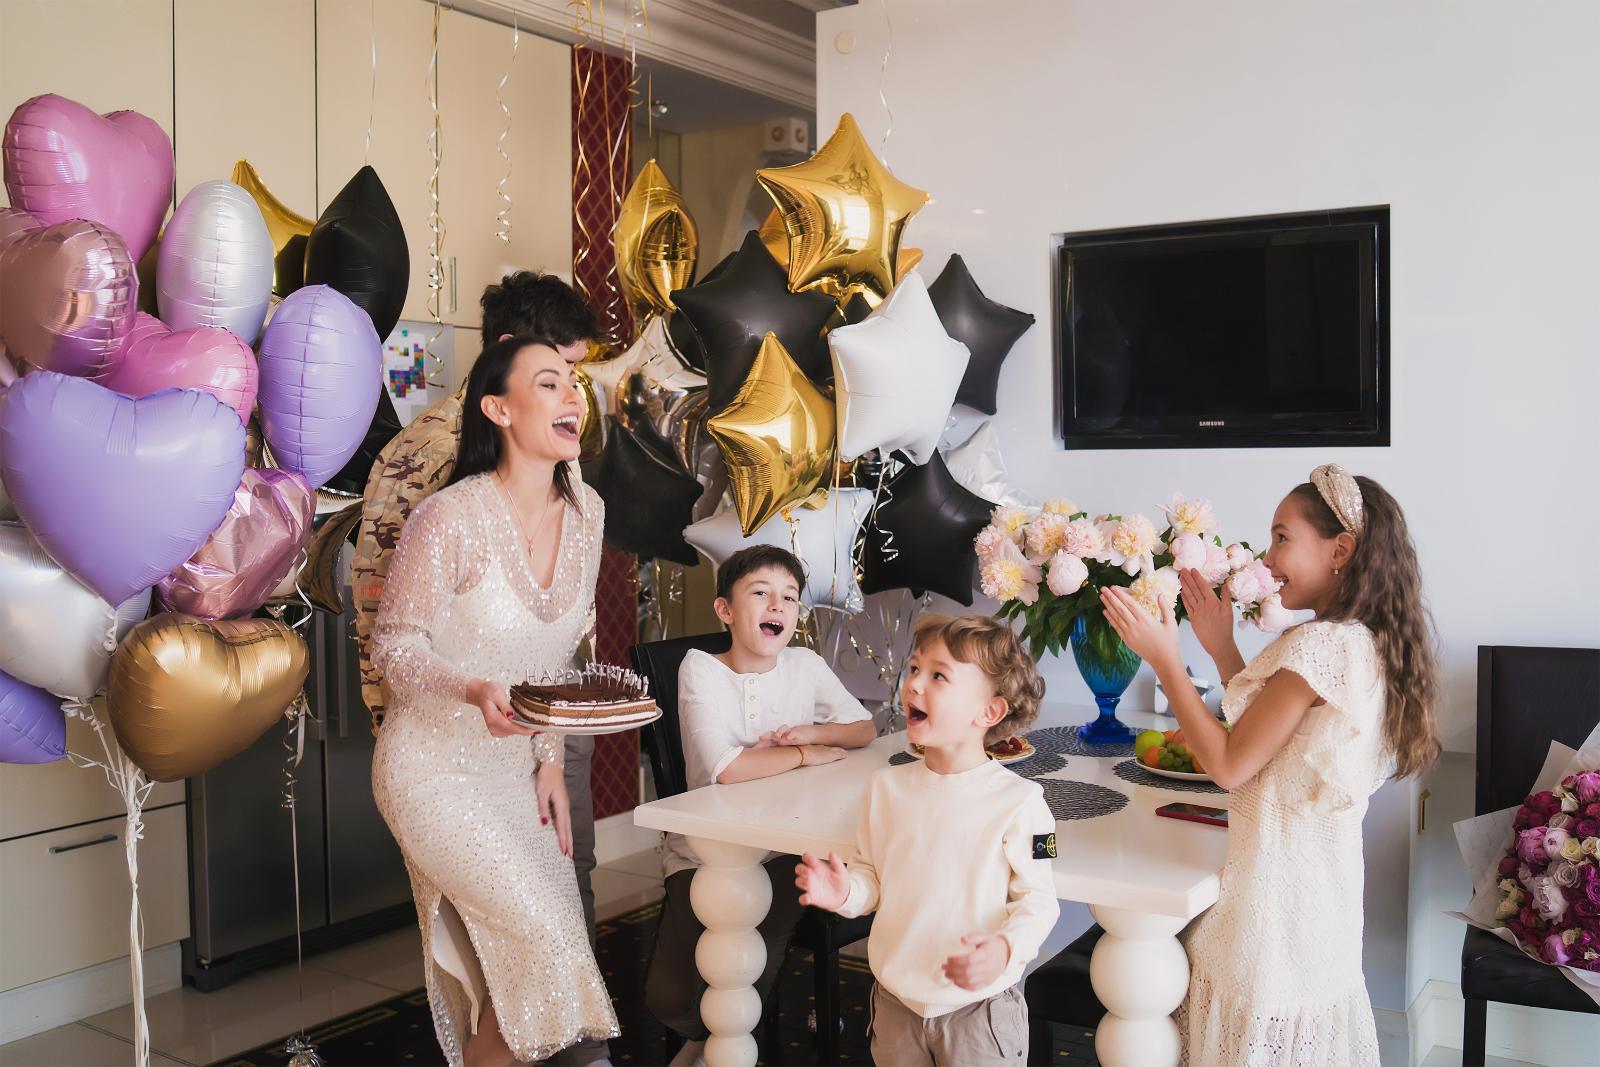 Инна Жиркова отметила день рождения на самоизоляции в кругу семьи: [i]«Муж у меня человек не особо романтичный, но в этот раз он сделал мне сюрприз, от которого я была в